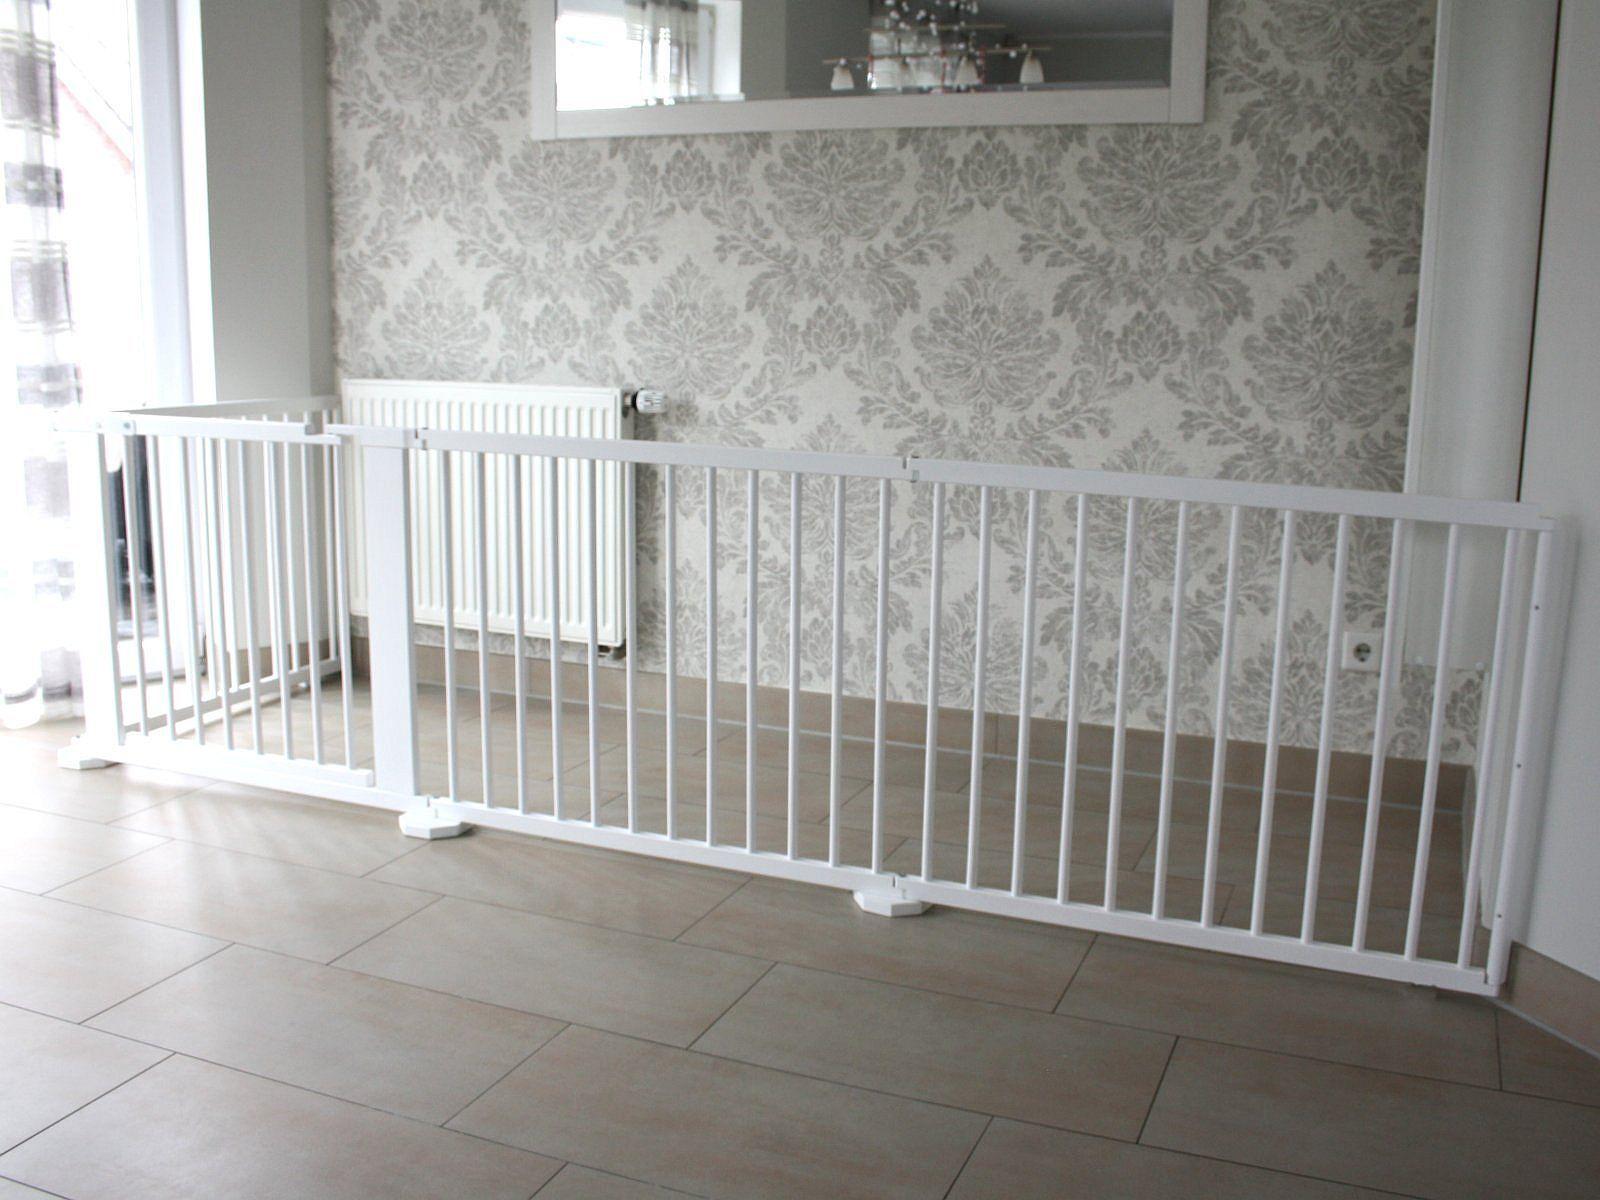 Griglia di protezione transenne türgitter scale griglia di protezione 368 cm massiccio Bianco